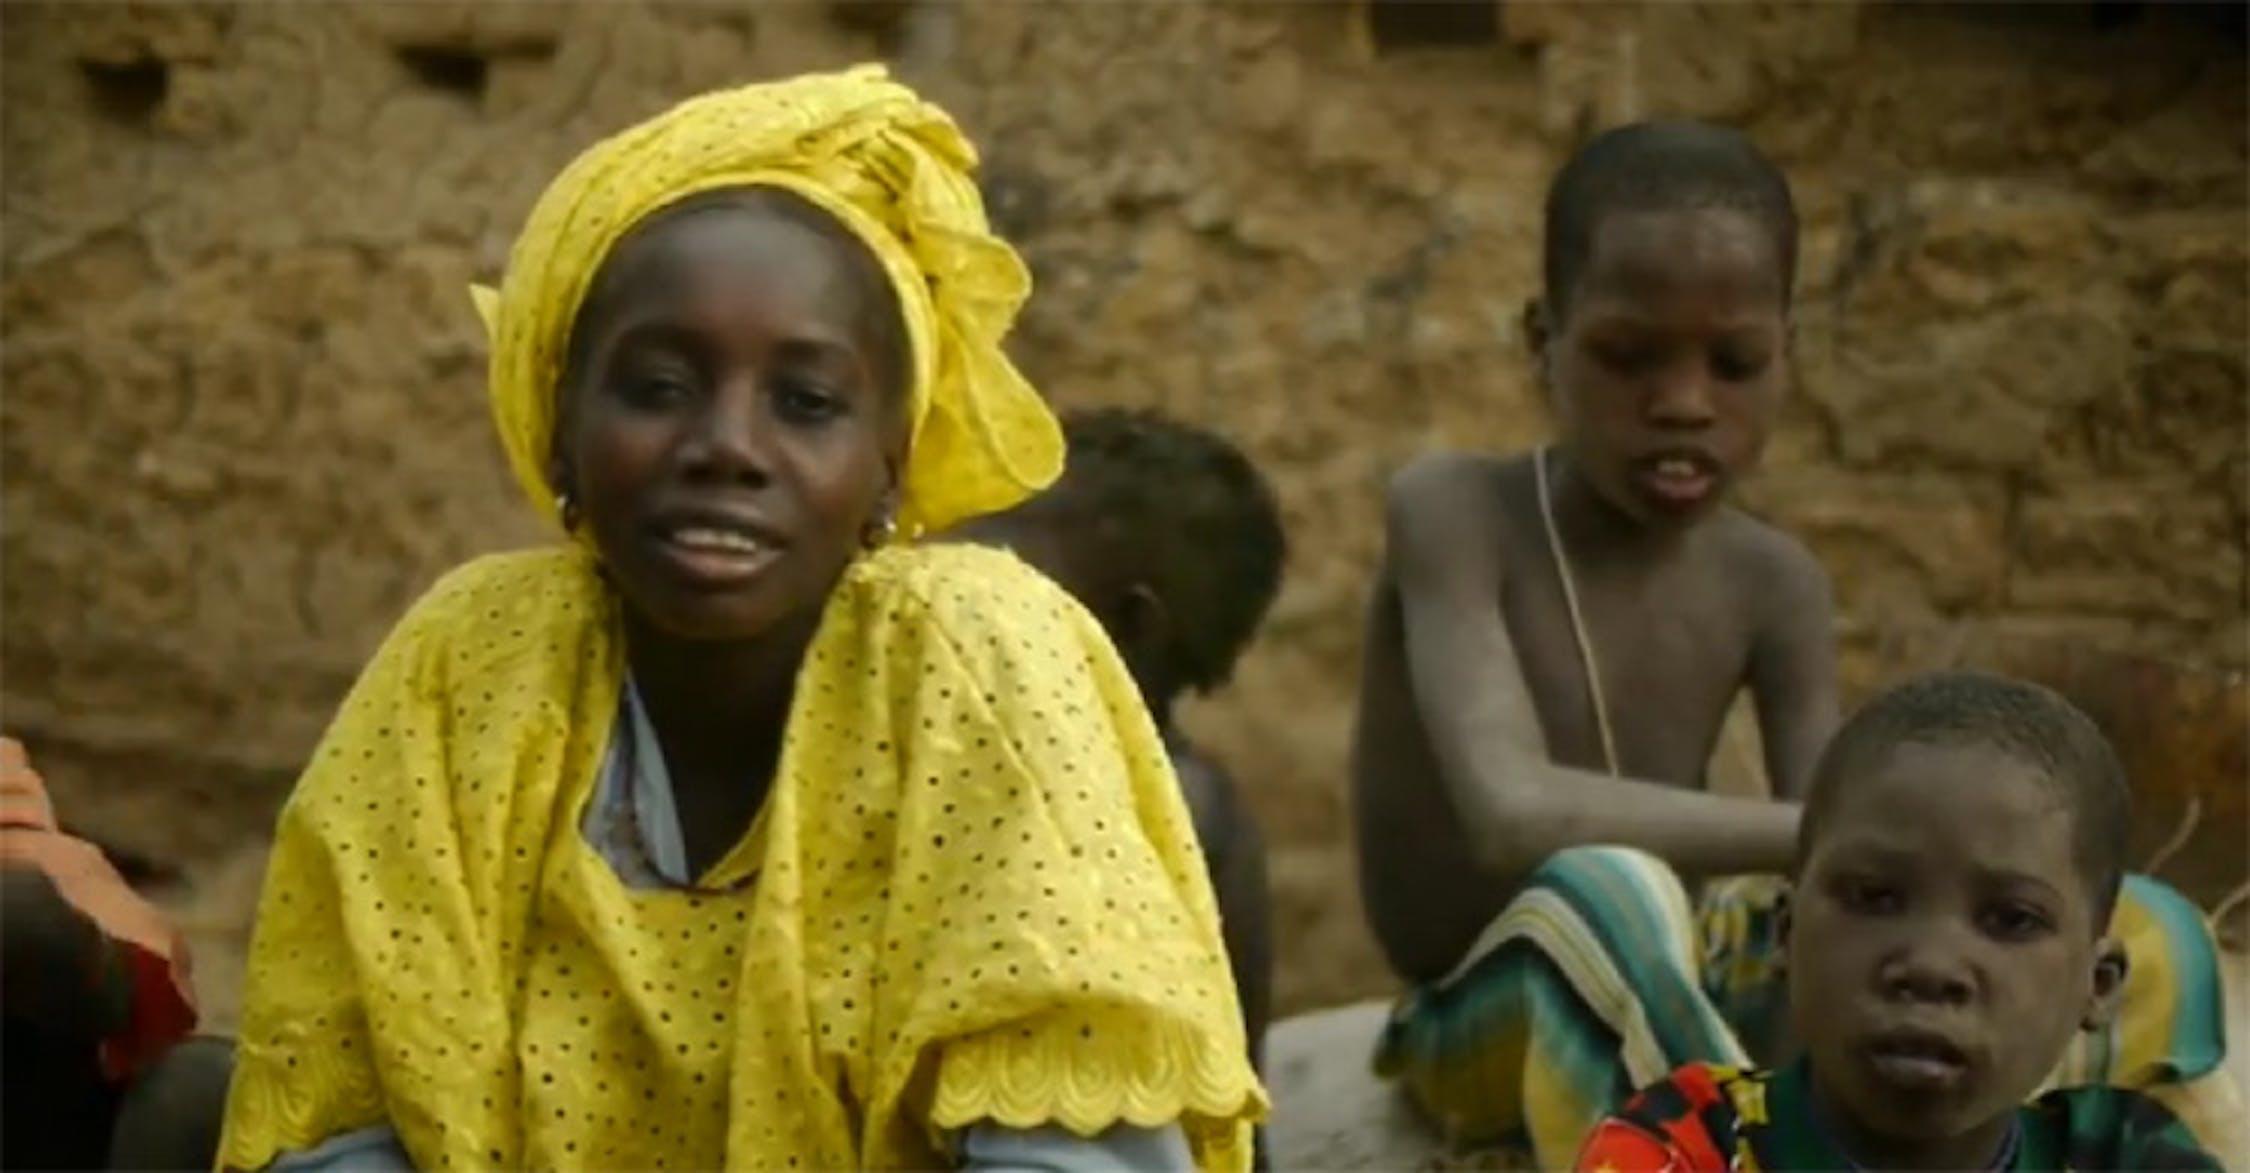 Mariam Dianapo, la madre di 5 figli di cui parla questa storia - ©UNICEF Video/2012